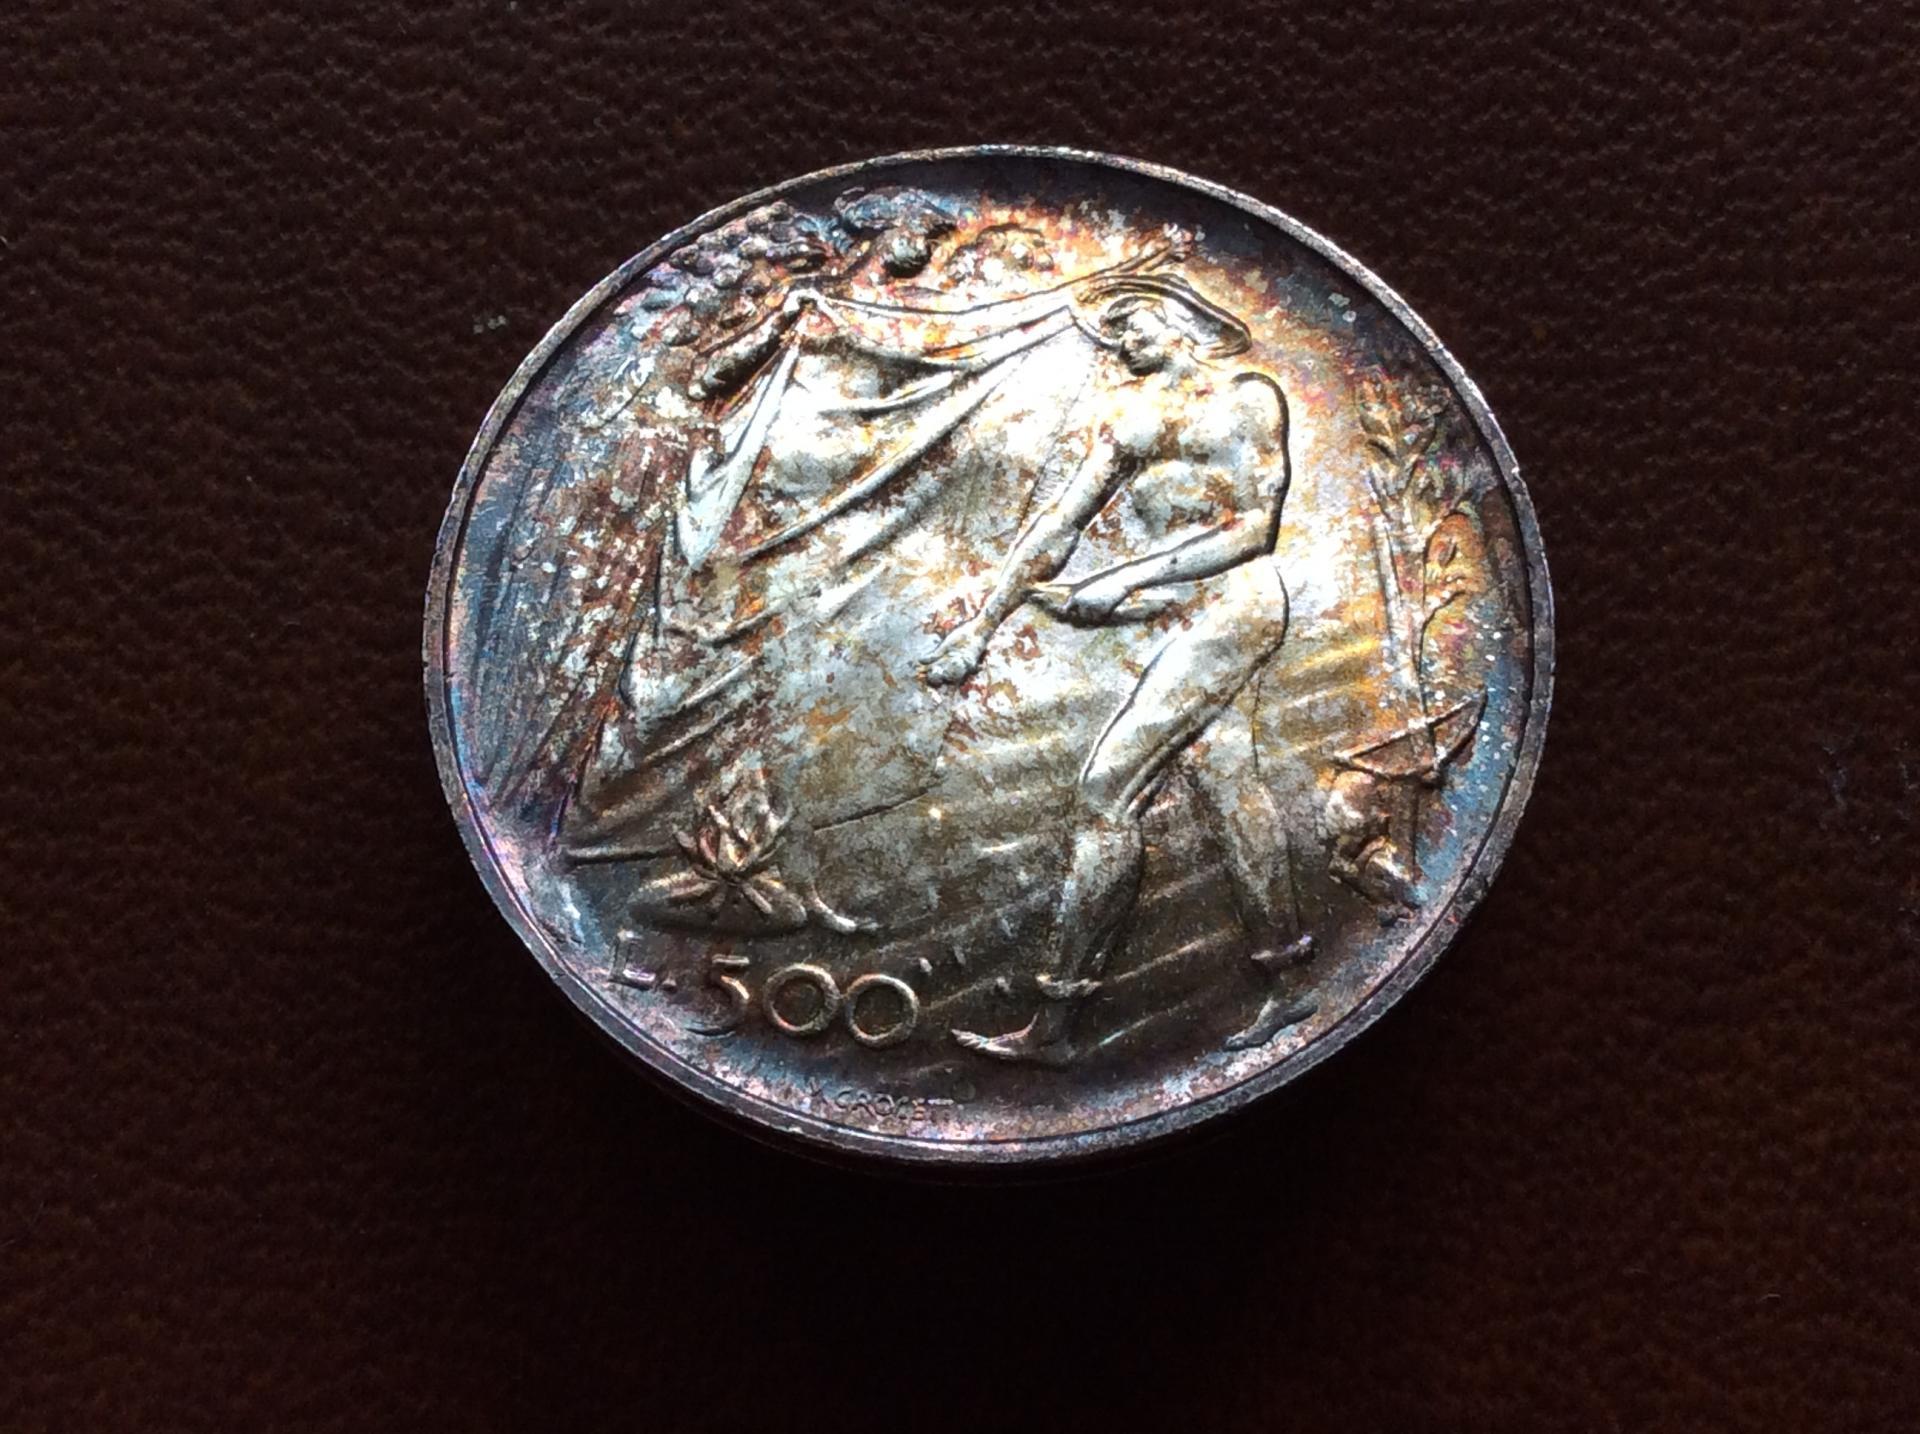 500 LIRAS PLATA 1976 - REPUBLICA DE SAN MARINO - SIN CIRCULAR - PATINA ARCOIRIS